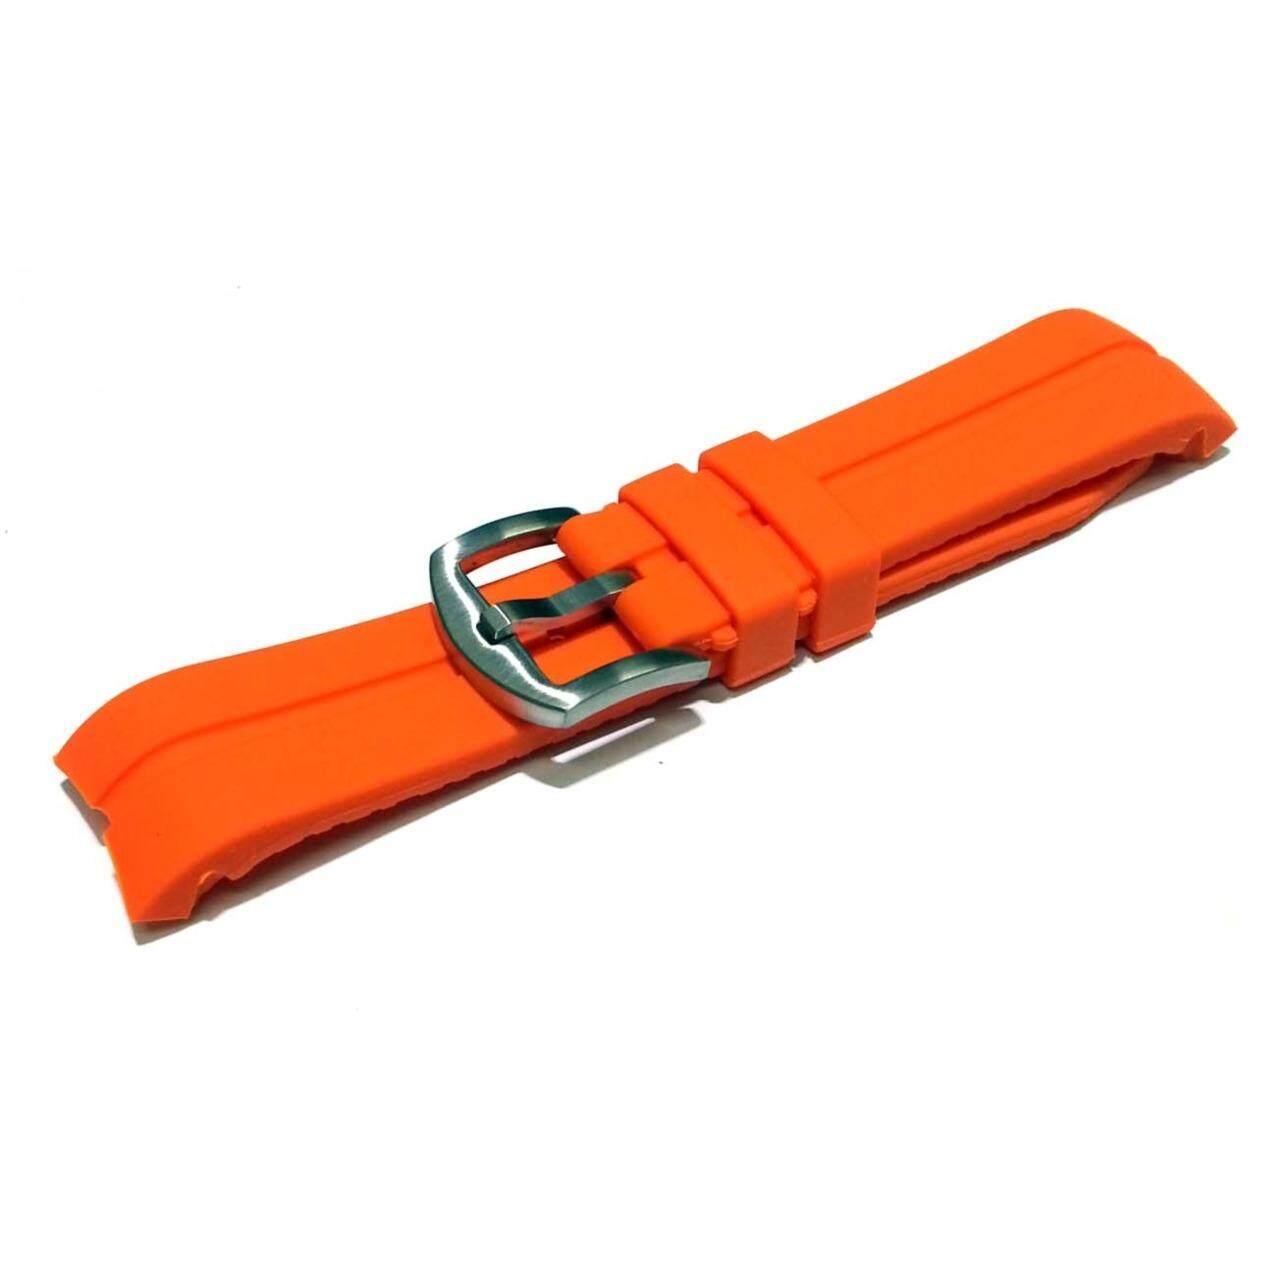 ขาย ซื้อ Nt Watch Shop สายนาฬิกา สายยาง ซิลิโคน Bfr หัวโค้ง 22 มม สีส้ม ใน นครปฐม